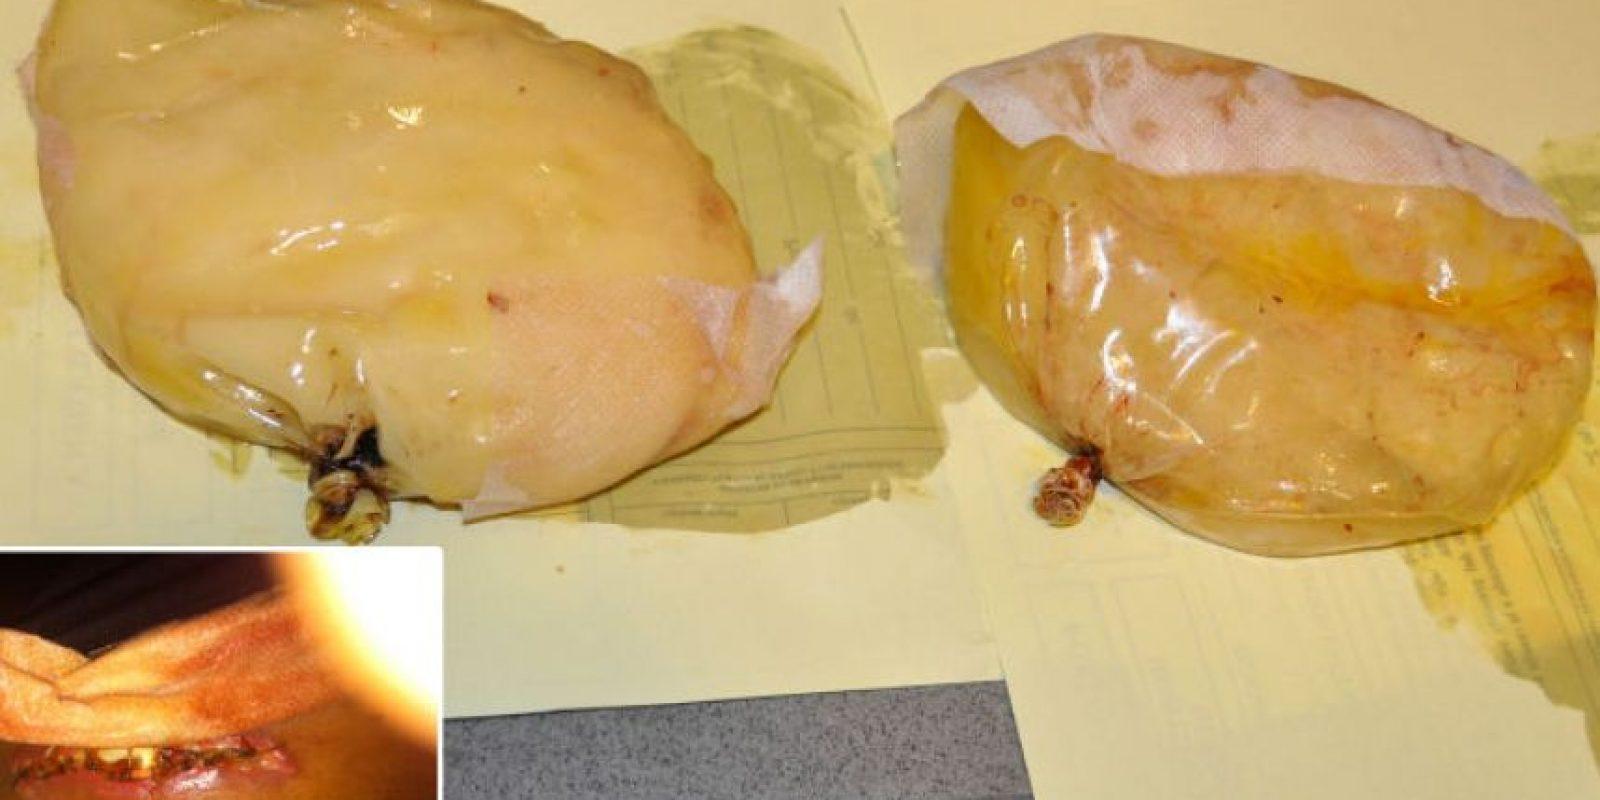 4. Una mujer fue detenida por transportar cocaína en sus implantes de senos, en 2012. Viajaba de Colombia a España Foto:Interior.gob.es